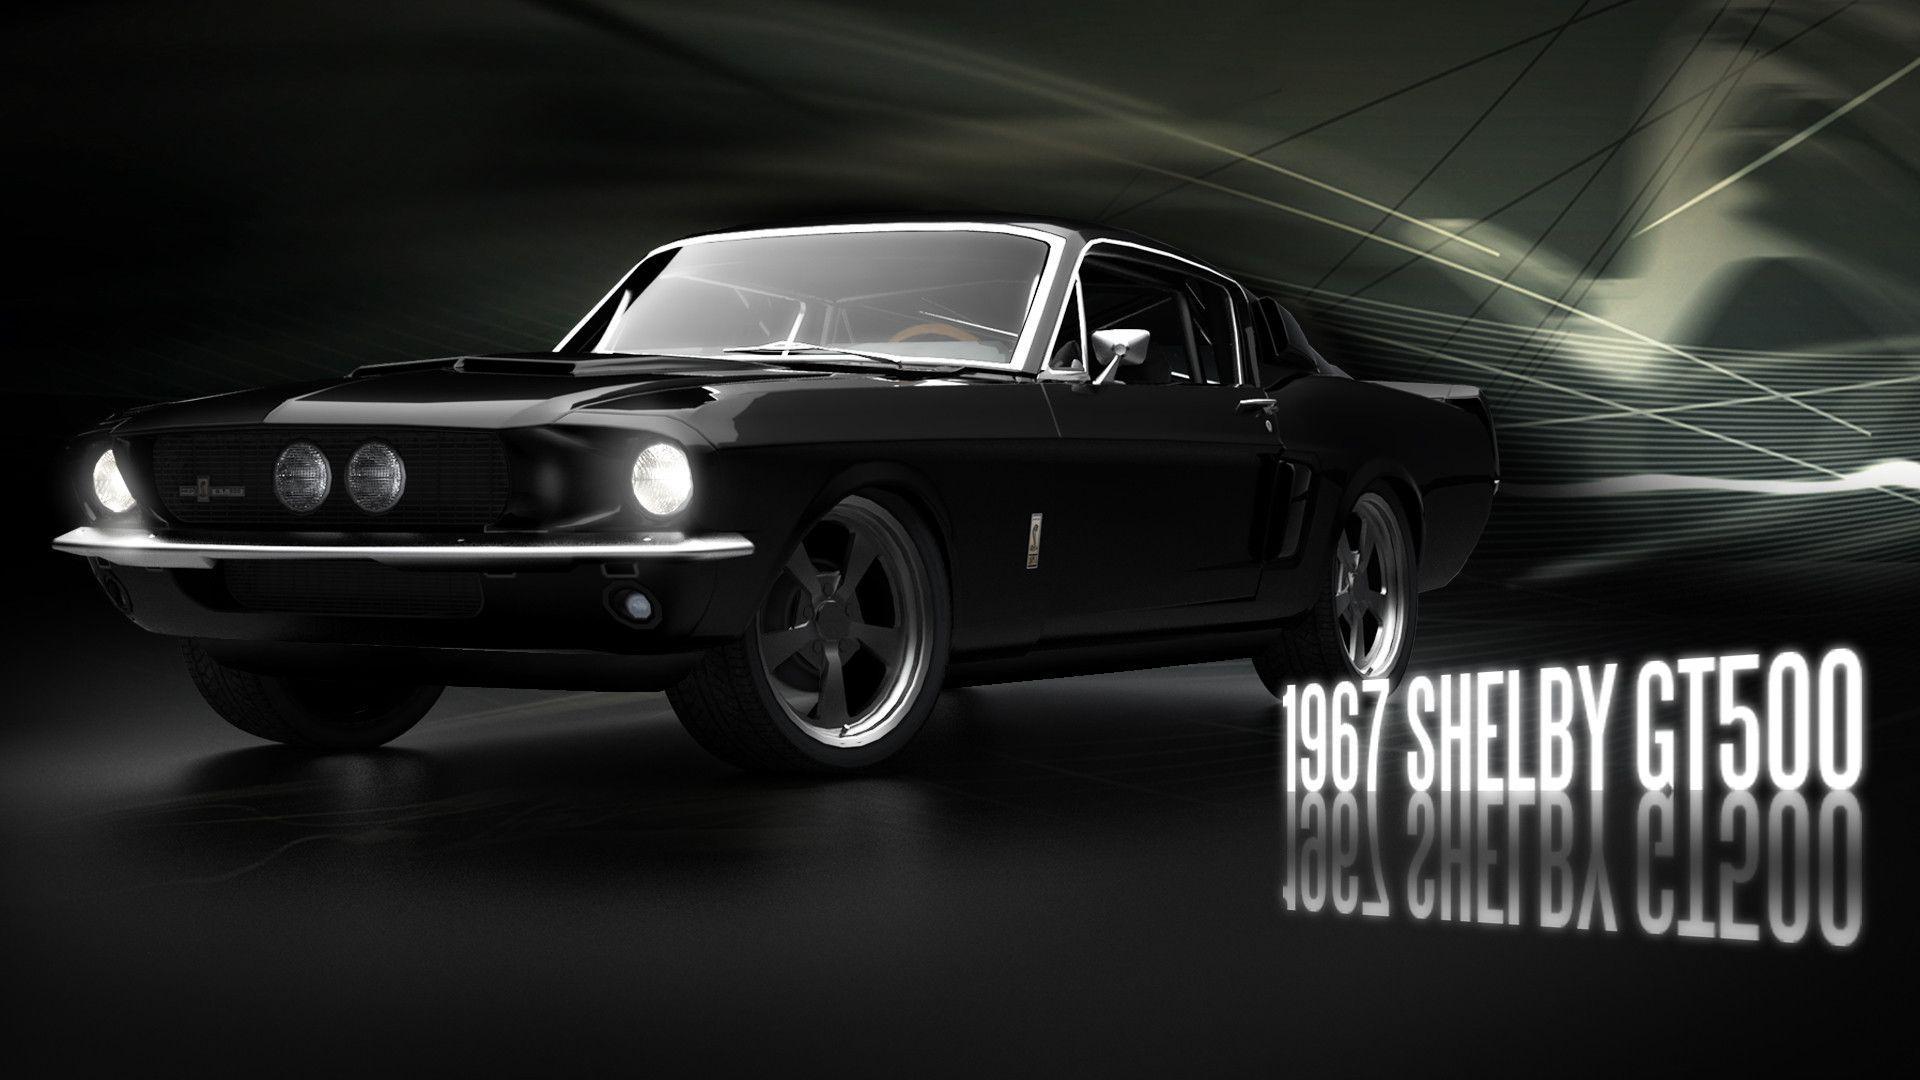 1967 shelby gt500 wallpaper www